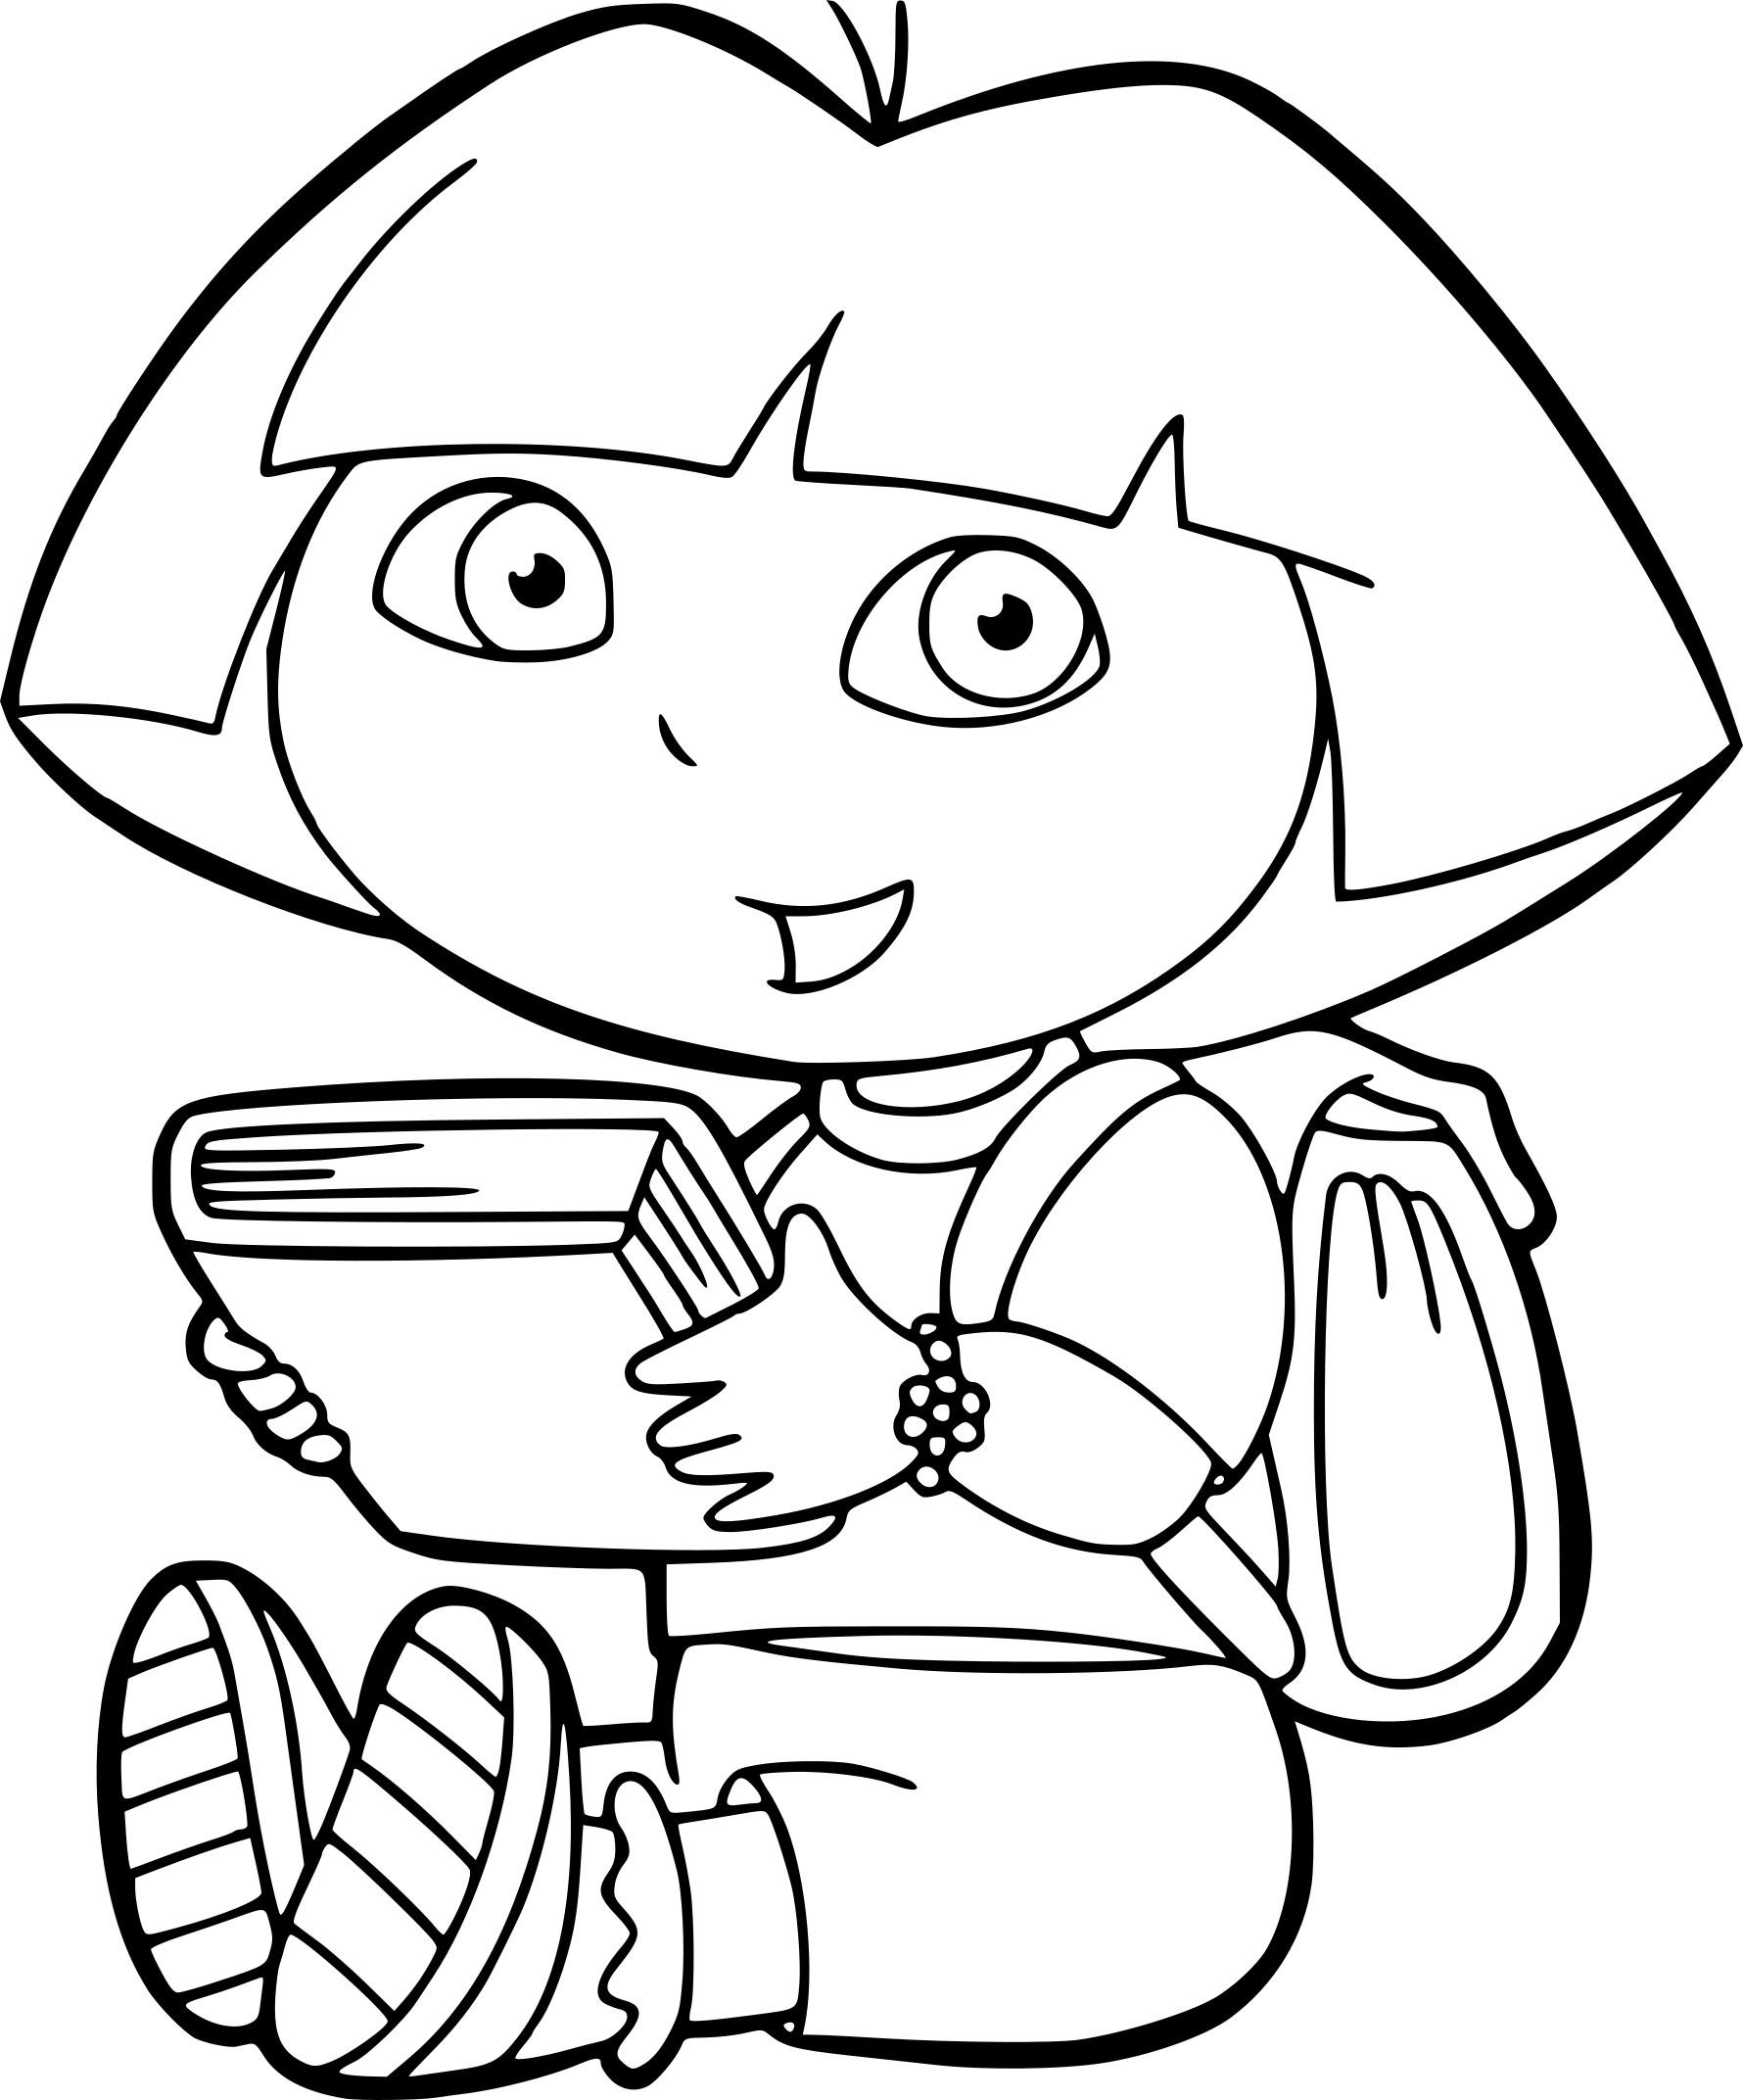 Coloriage Dora À L'École À Imprimer Sur Coloriages pour Coloriage Dora À Imprimer